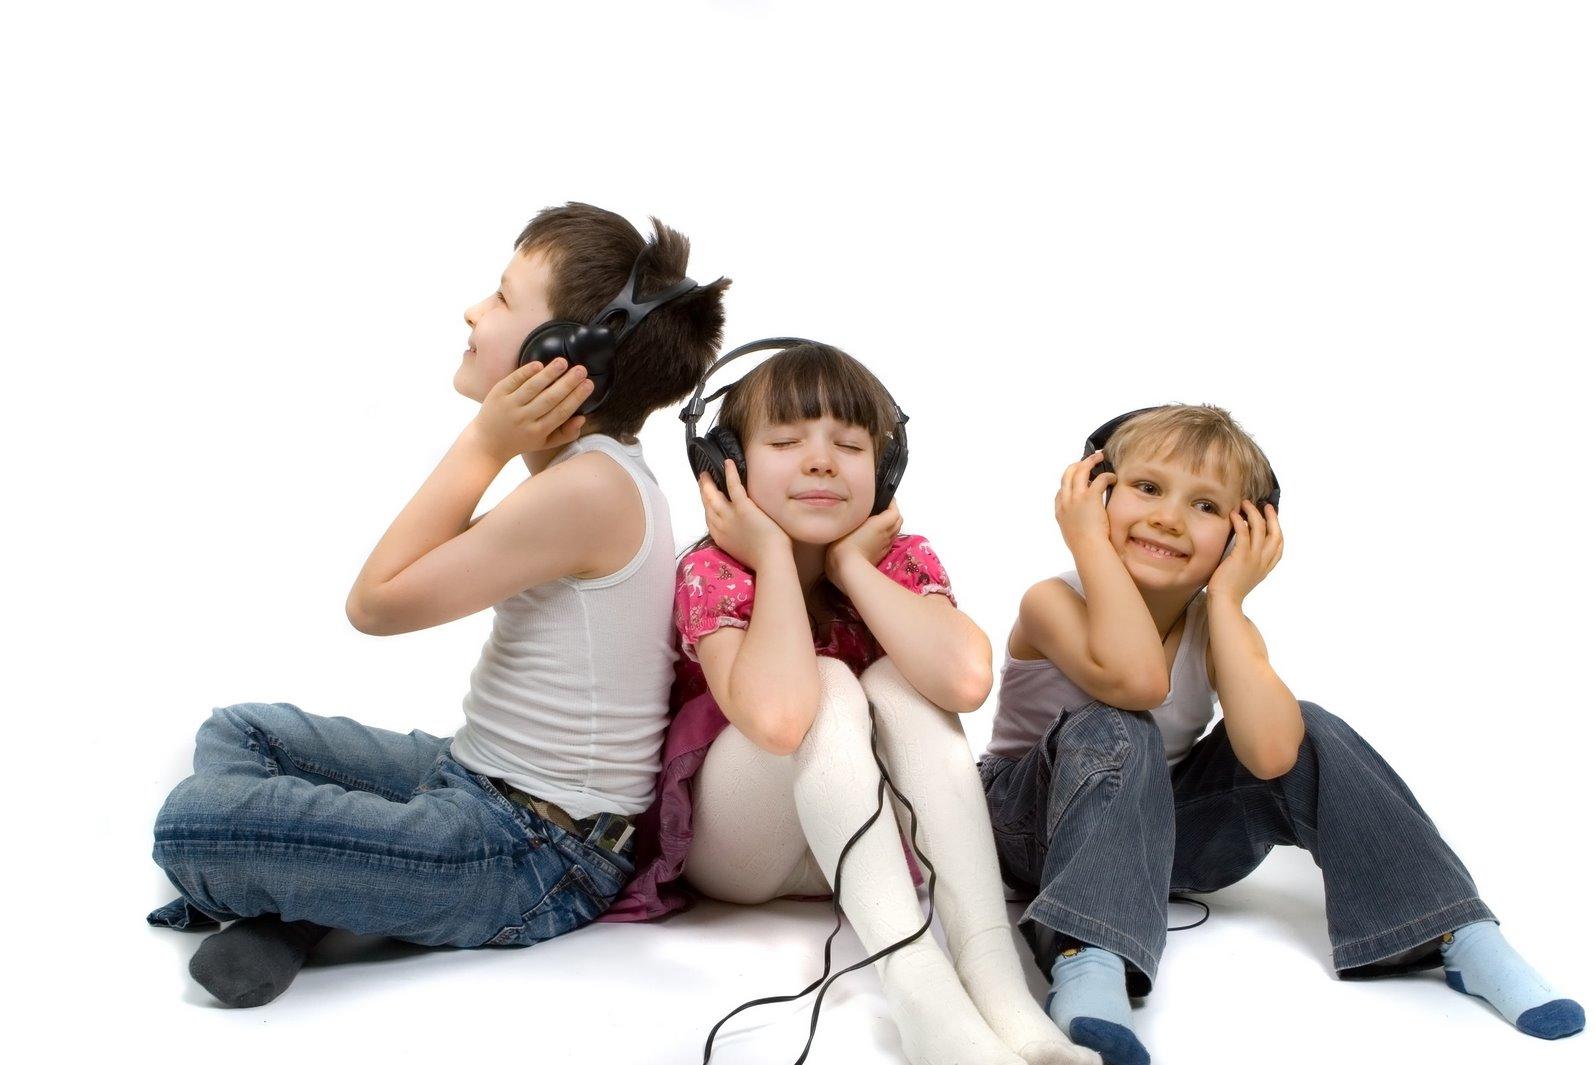 گوش موسیقایی فرزندانمان را تربیت کنیم میخواهم فرزندم موسیقی سالم گوش کند؛ چهکار کنم؟